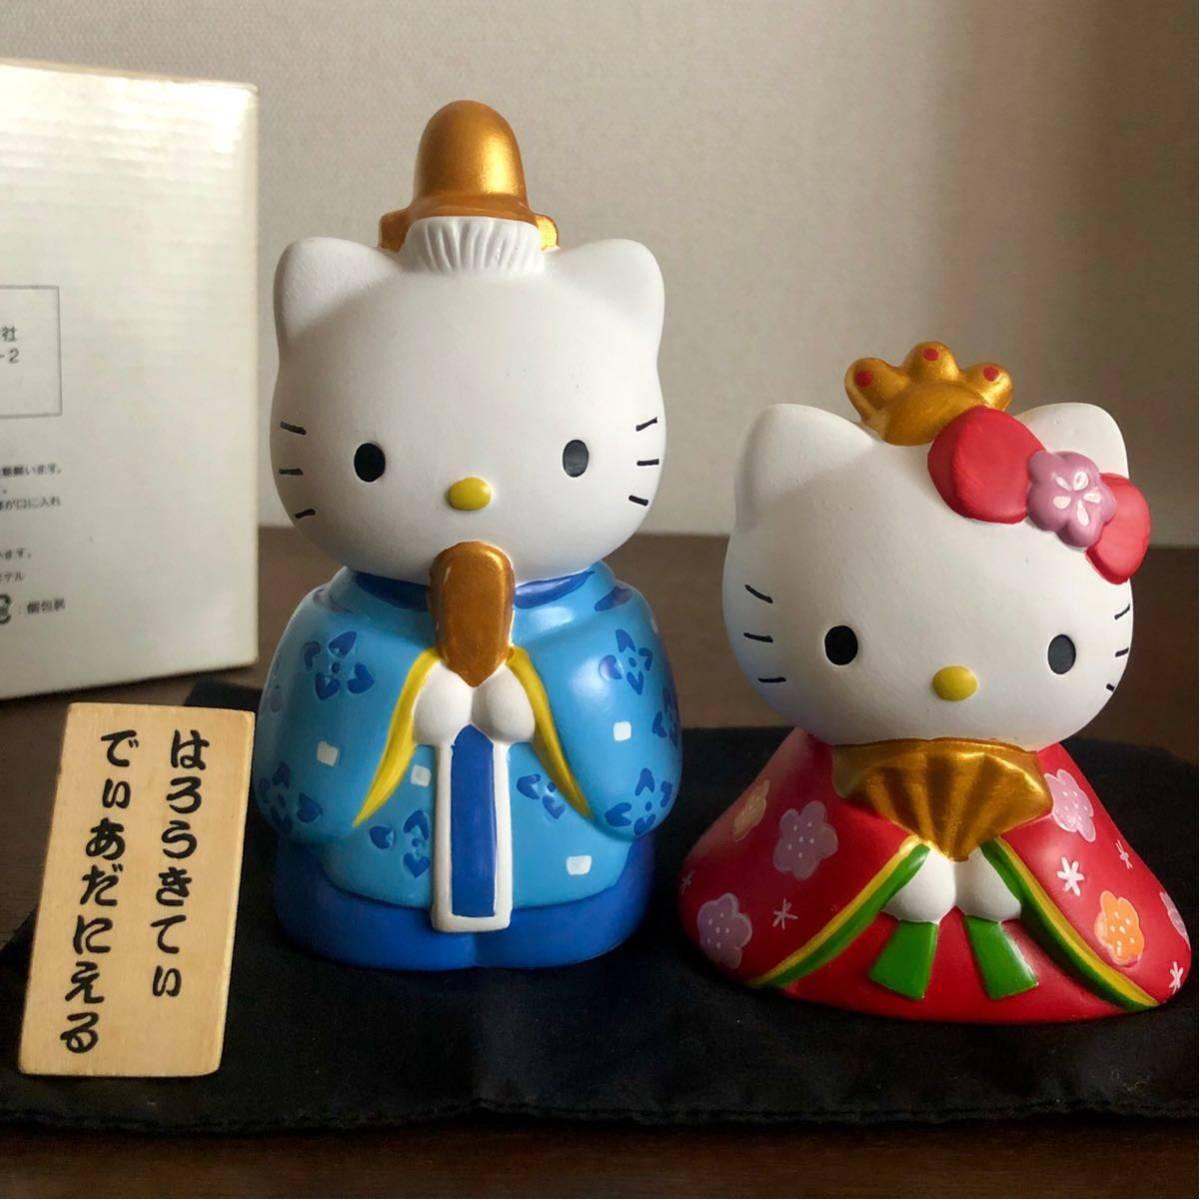 レア☆ハローキティ&ダニエル☆はろうきてぃ雛人形 お雛様 ひな飾り 日本人形 置物 陶器 フィギュア 高さ約13cm ひな祭り 2006年 サンリオ